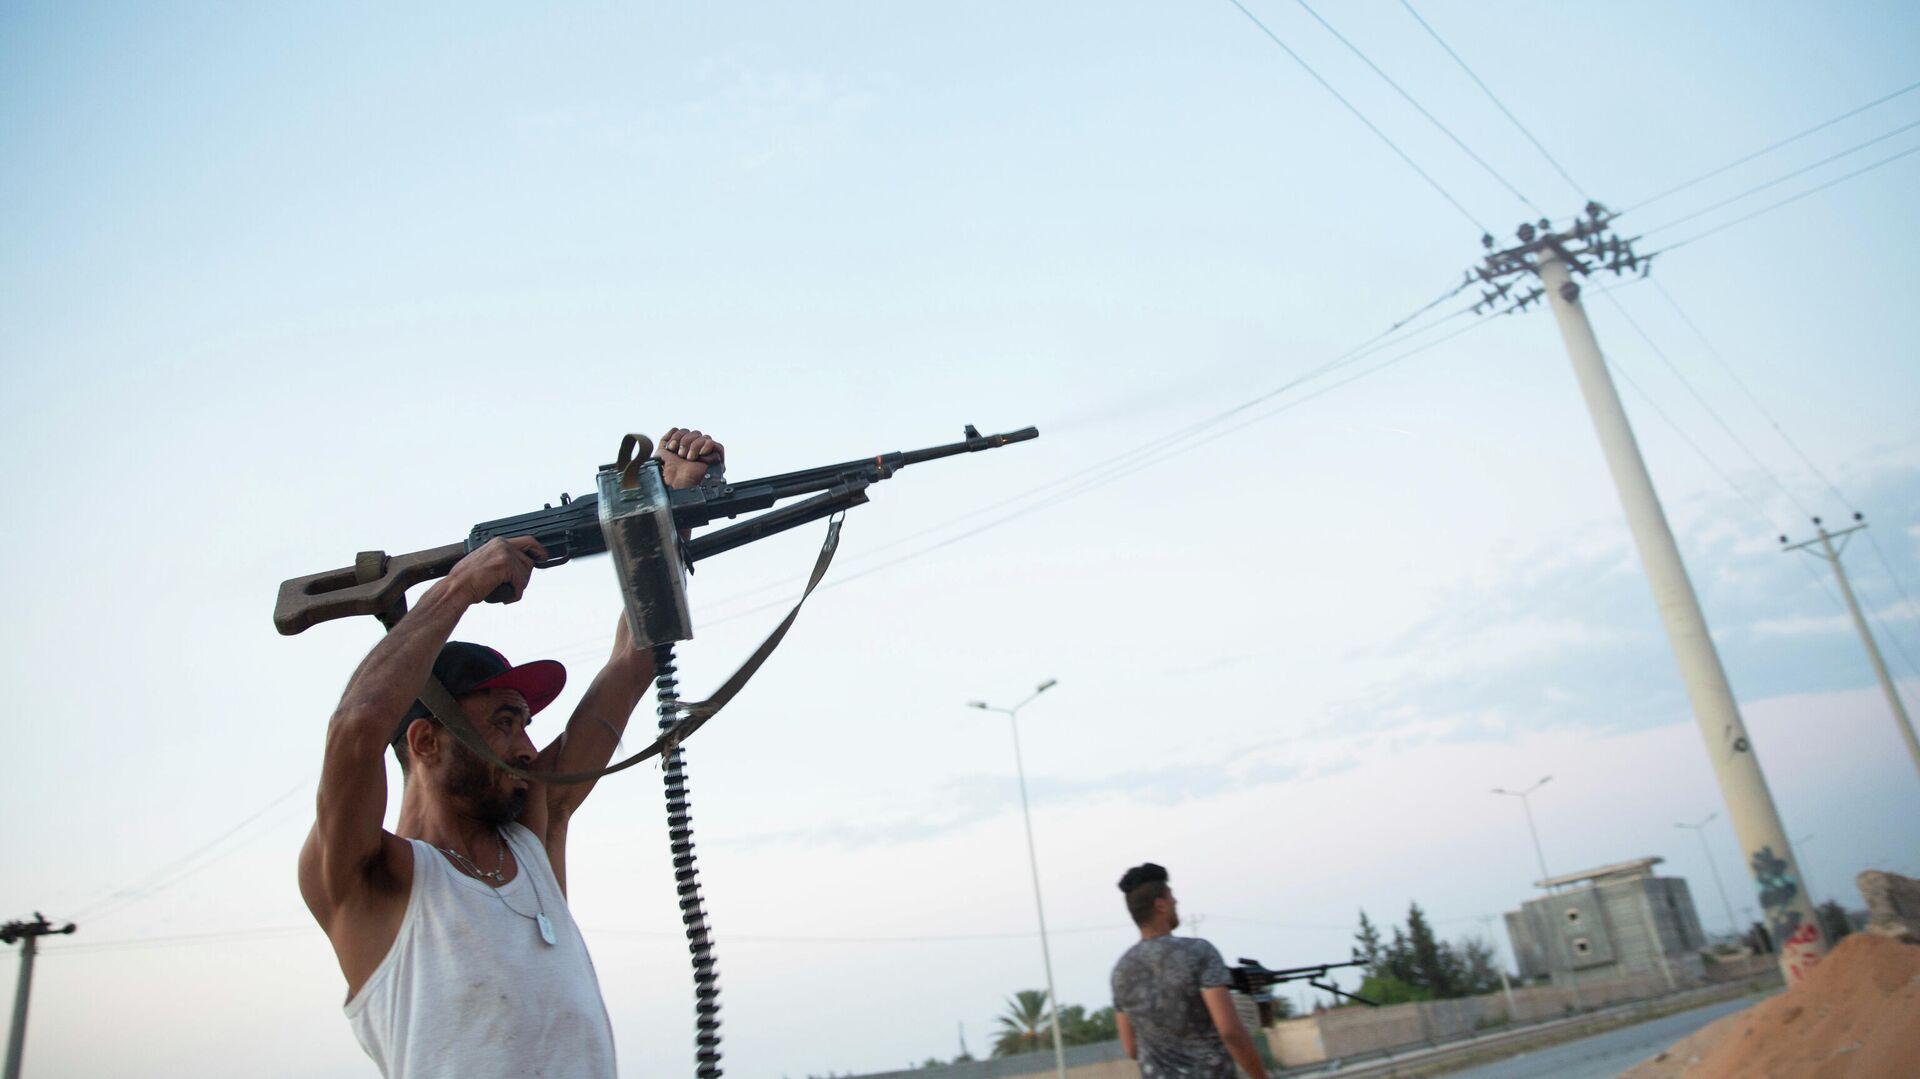 Бойцы, лояльные Правительству национального согласия, во время столкновений в южной части Триполи - РИА Новости, 1920, 29.06.2020